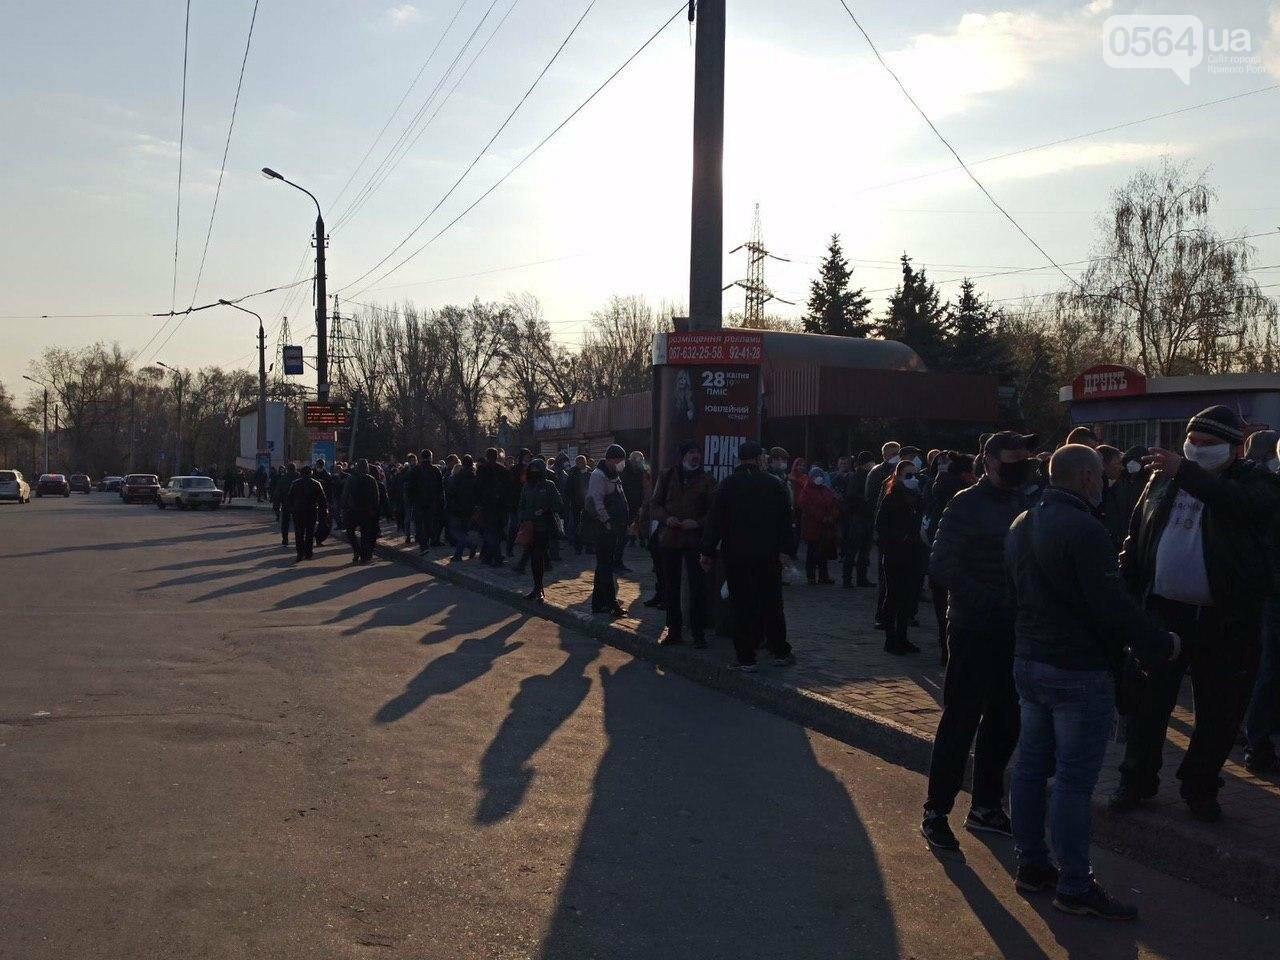 """""""Конца и края не видно"""": тысячи криворожан стоят в очереди за спецпропуском для проезда в общественном транспорте, - ФОТО, ВИДЕО , фото-8"""